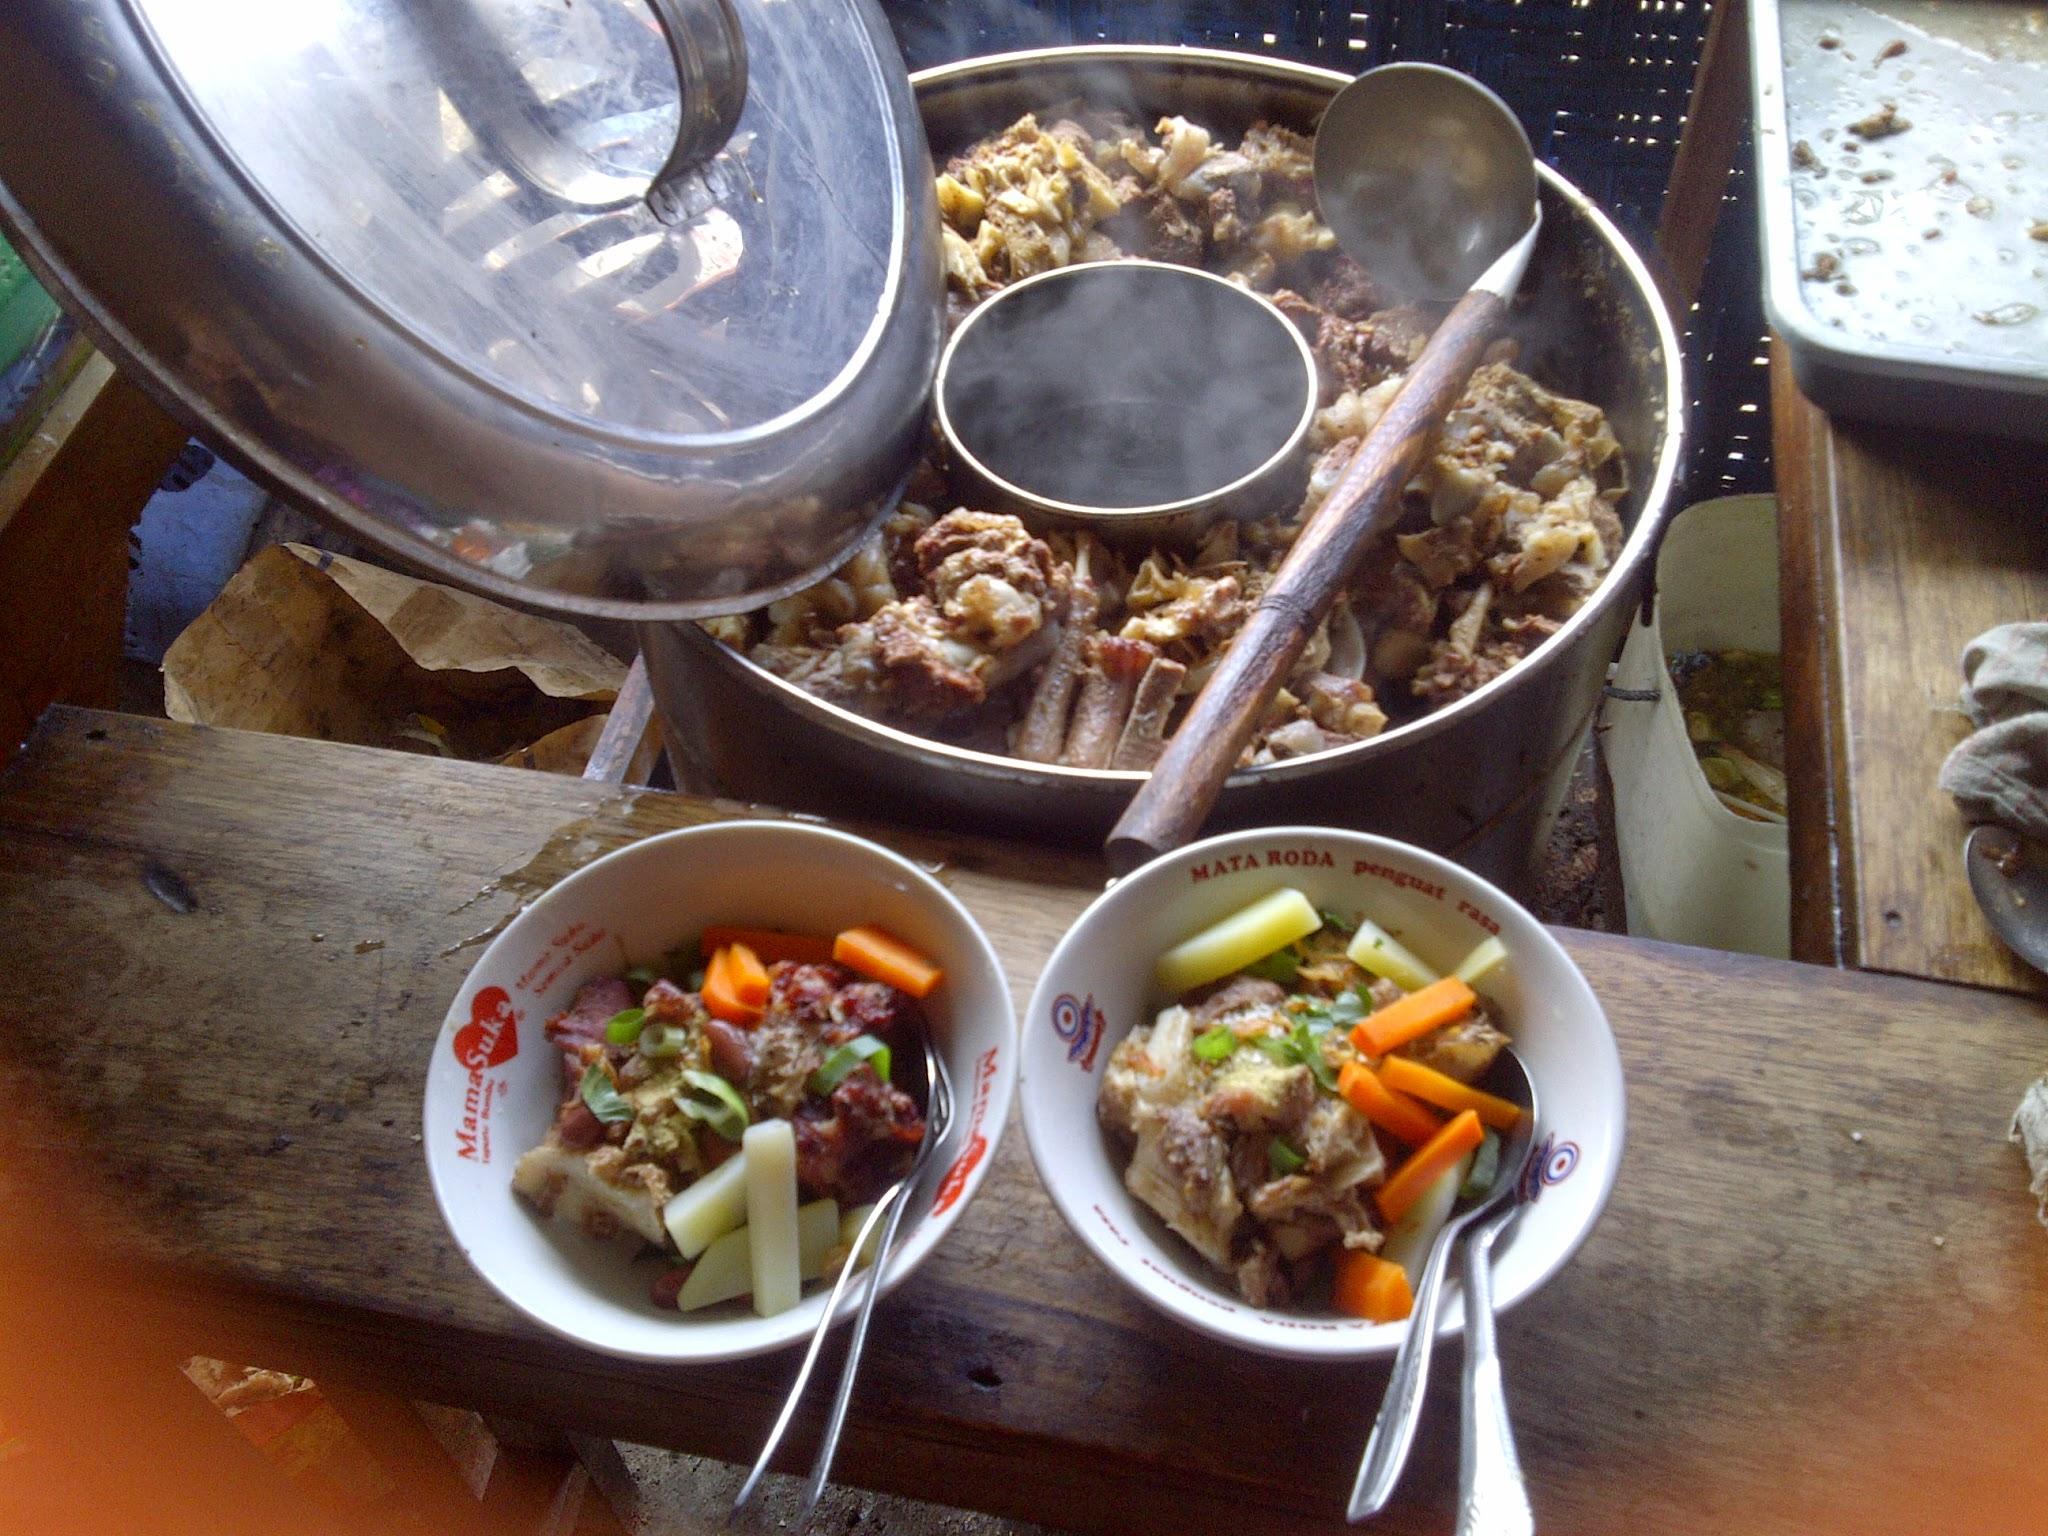 Mencicipi Es Krim Tip Top, Kuliner Legendaris Jogja yang Berdiri Sejak 1936